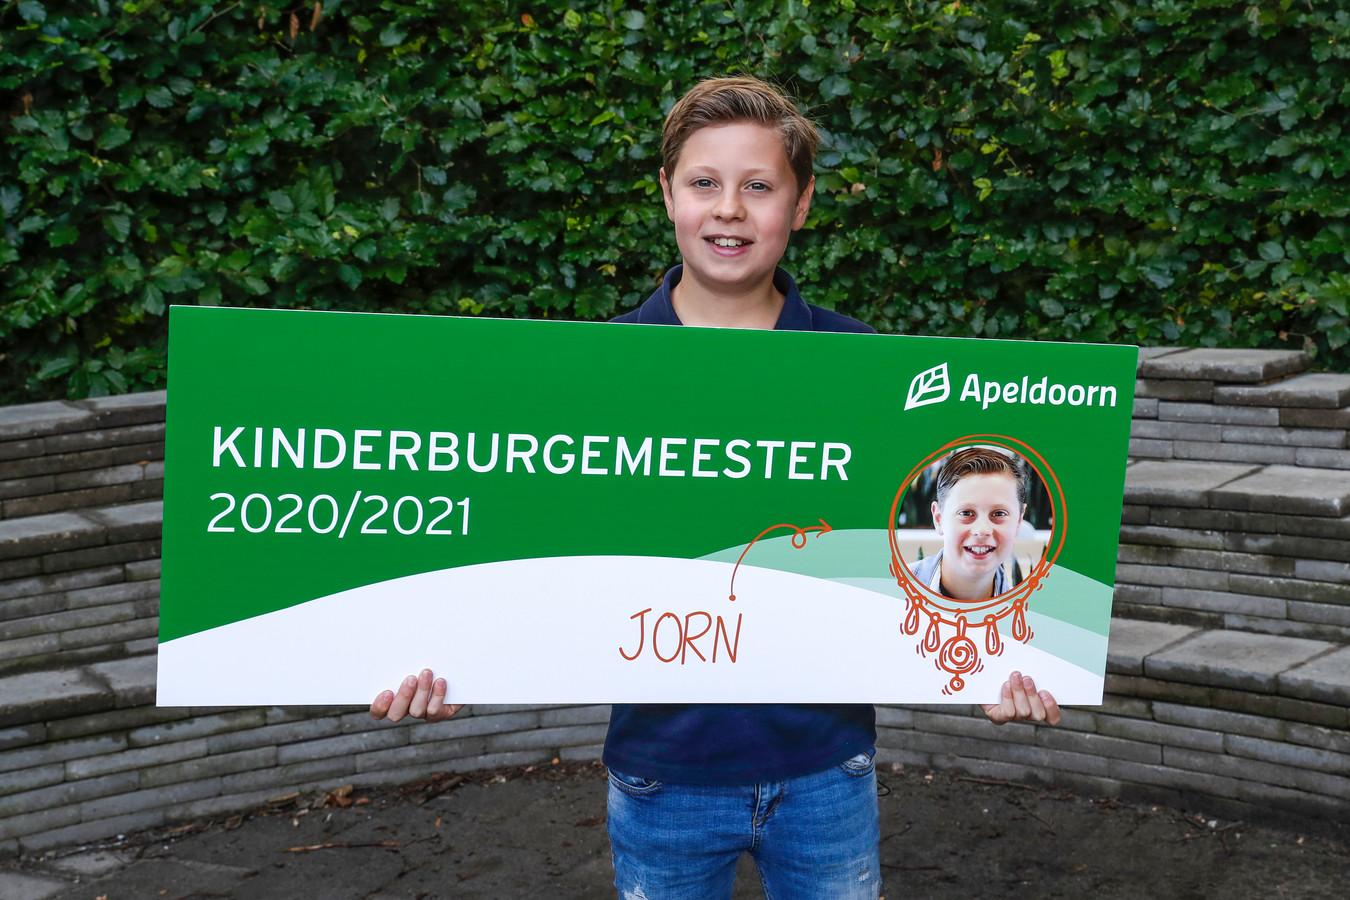 Apeldoorn, 15-7-2020, nieuwe kinderburgemeester Jorn met Wethouder Wim Willems Jorn is de nieuwe kinderburgemeester van Apeldoorn.